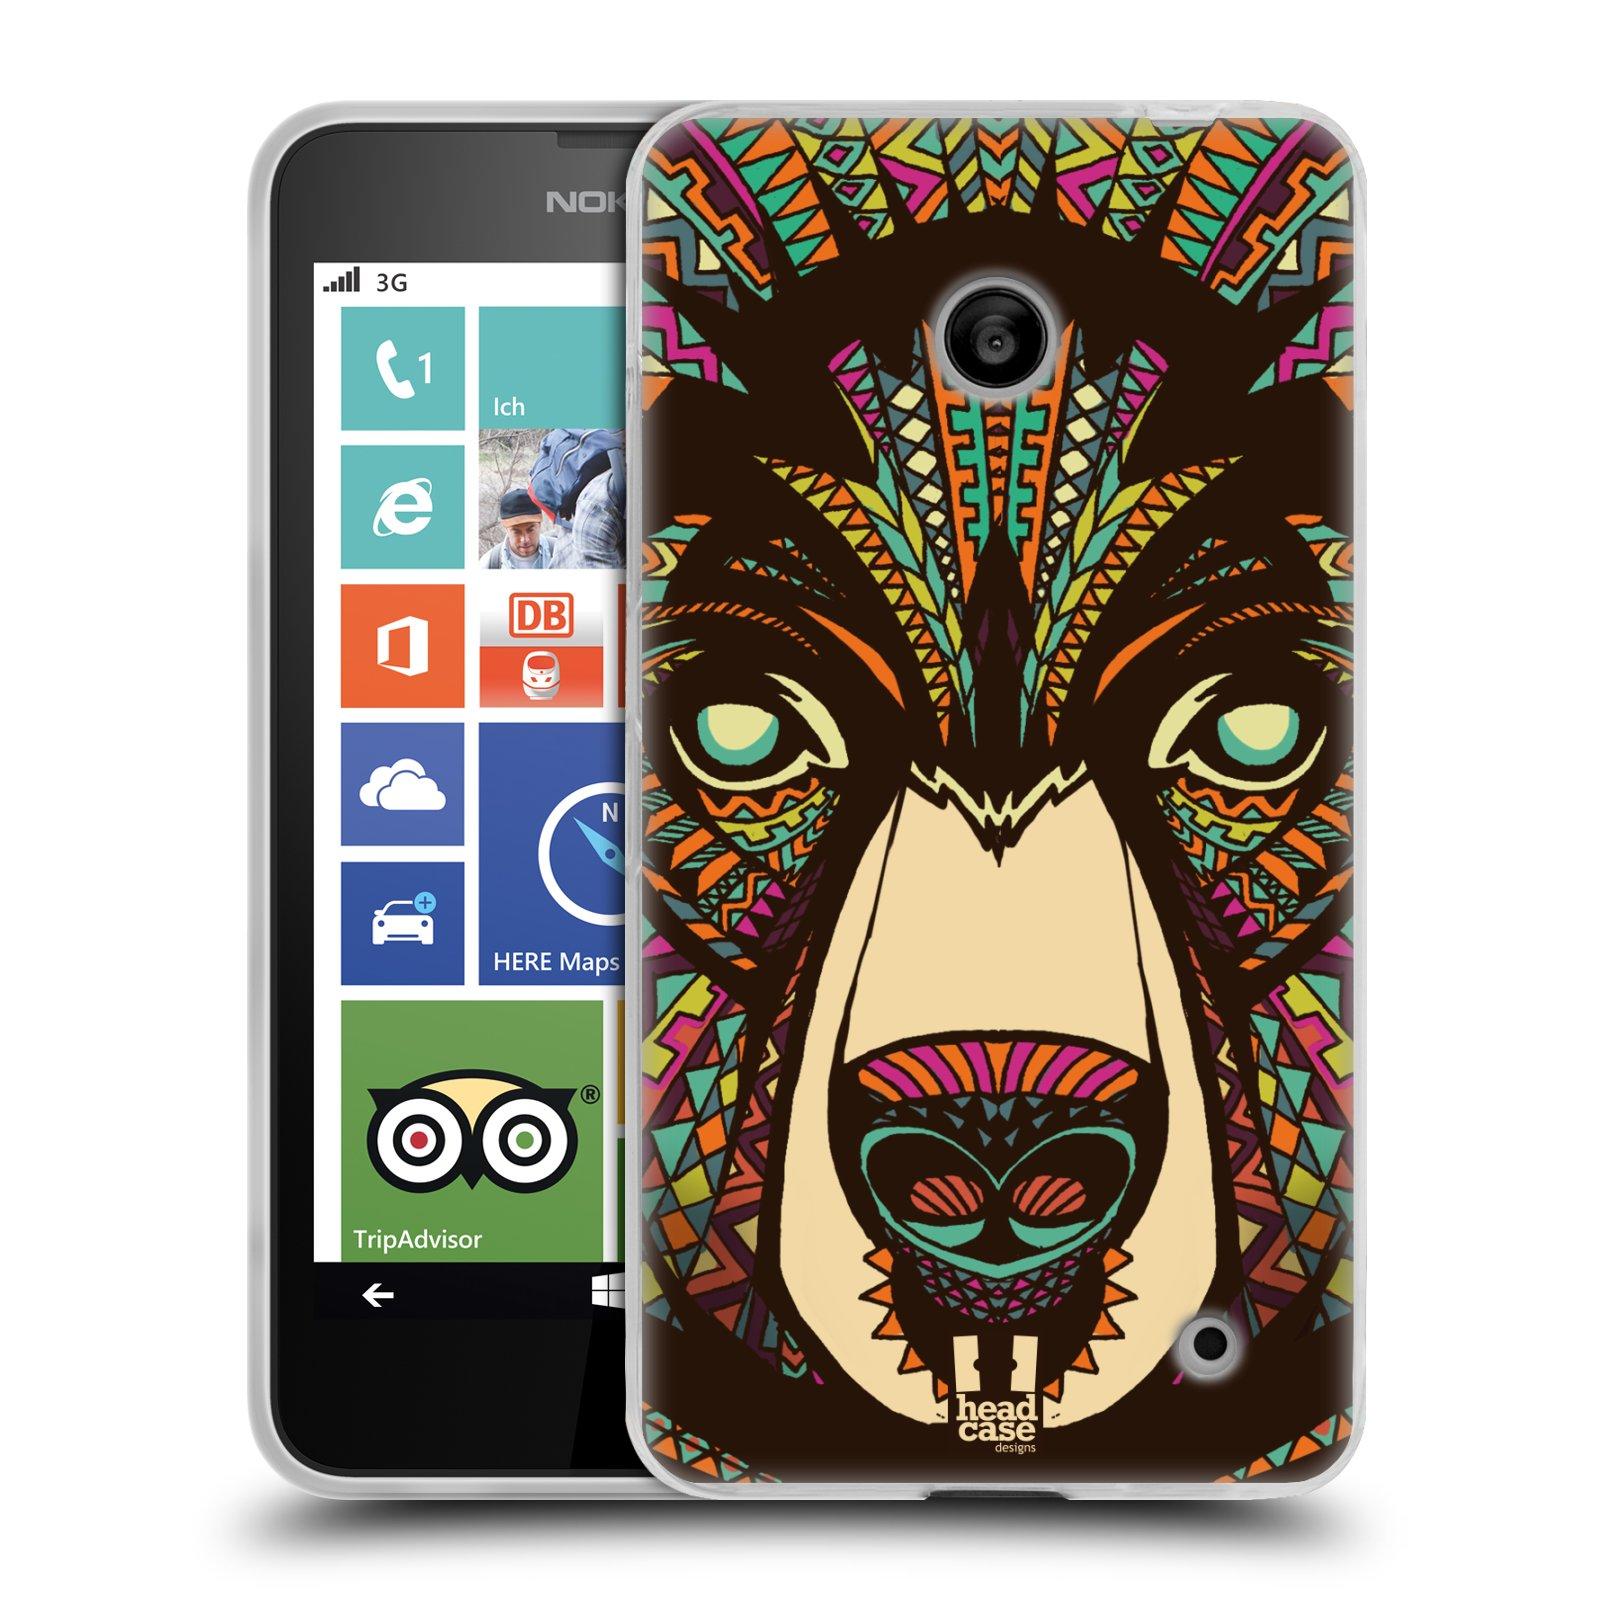 Silikonové pouzdro na mobil Nokia Lumia 630 HEAD CASE AZTEC MEDVĚD (Silikonový kryt či obal na mobilní telefon Nokia Lumia 630 a Nokia Lumia 630 Dual SIM)